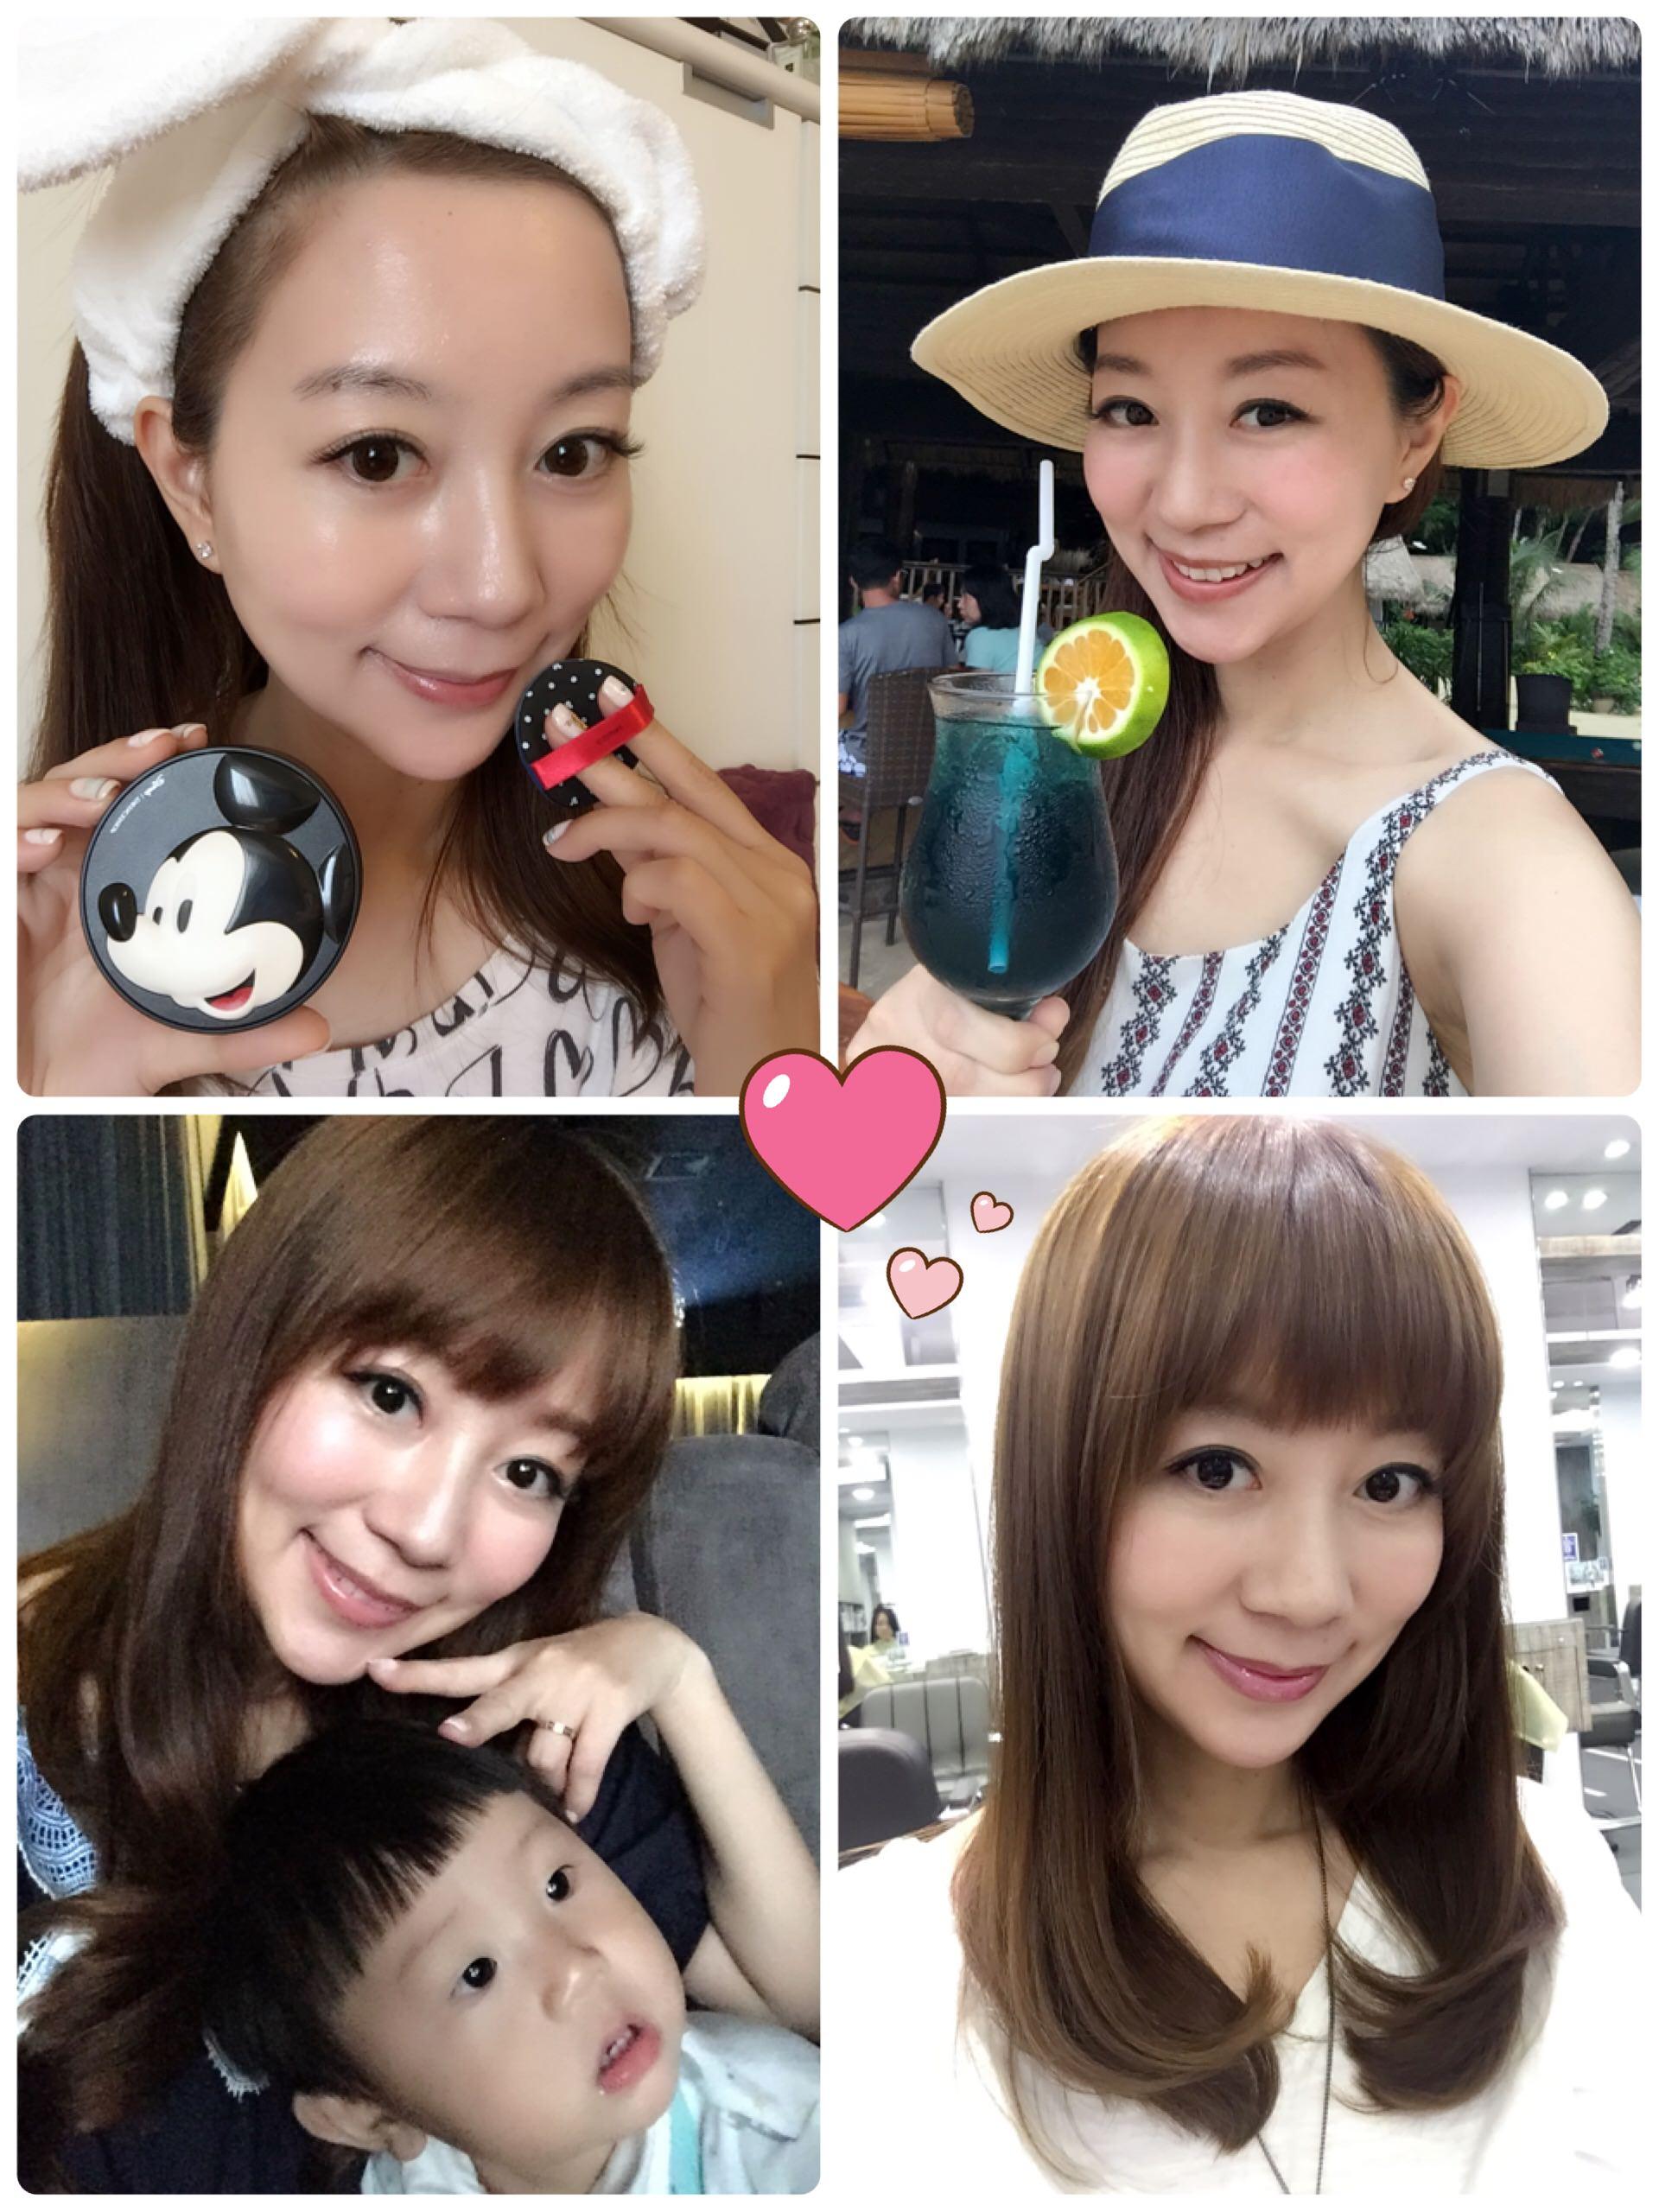 【愛愛美LOVE地】新手媽咪的快速彩妝分享♥3項美妝品+3分鐘快速彩妝示範(≧∇≦)/